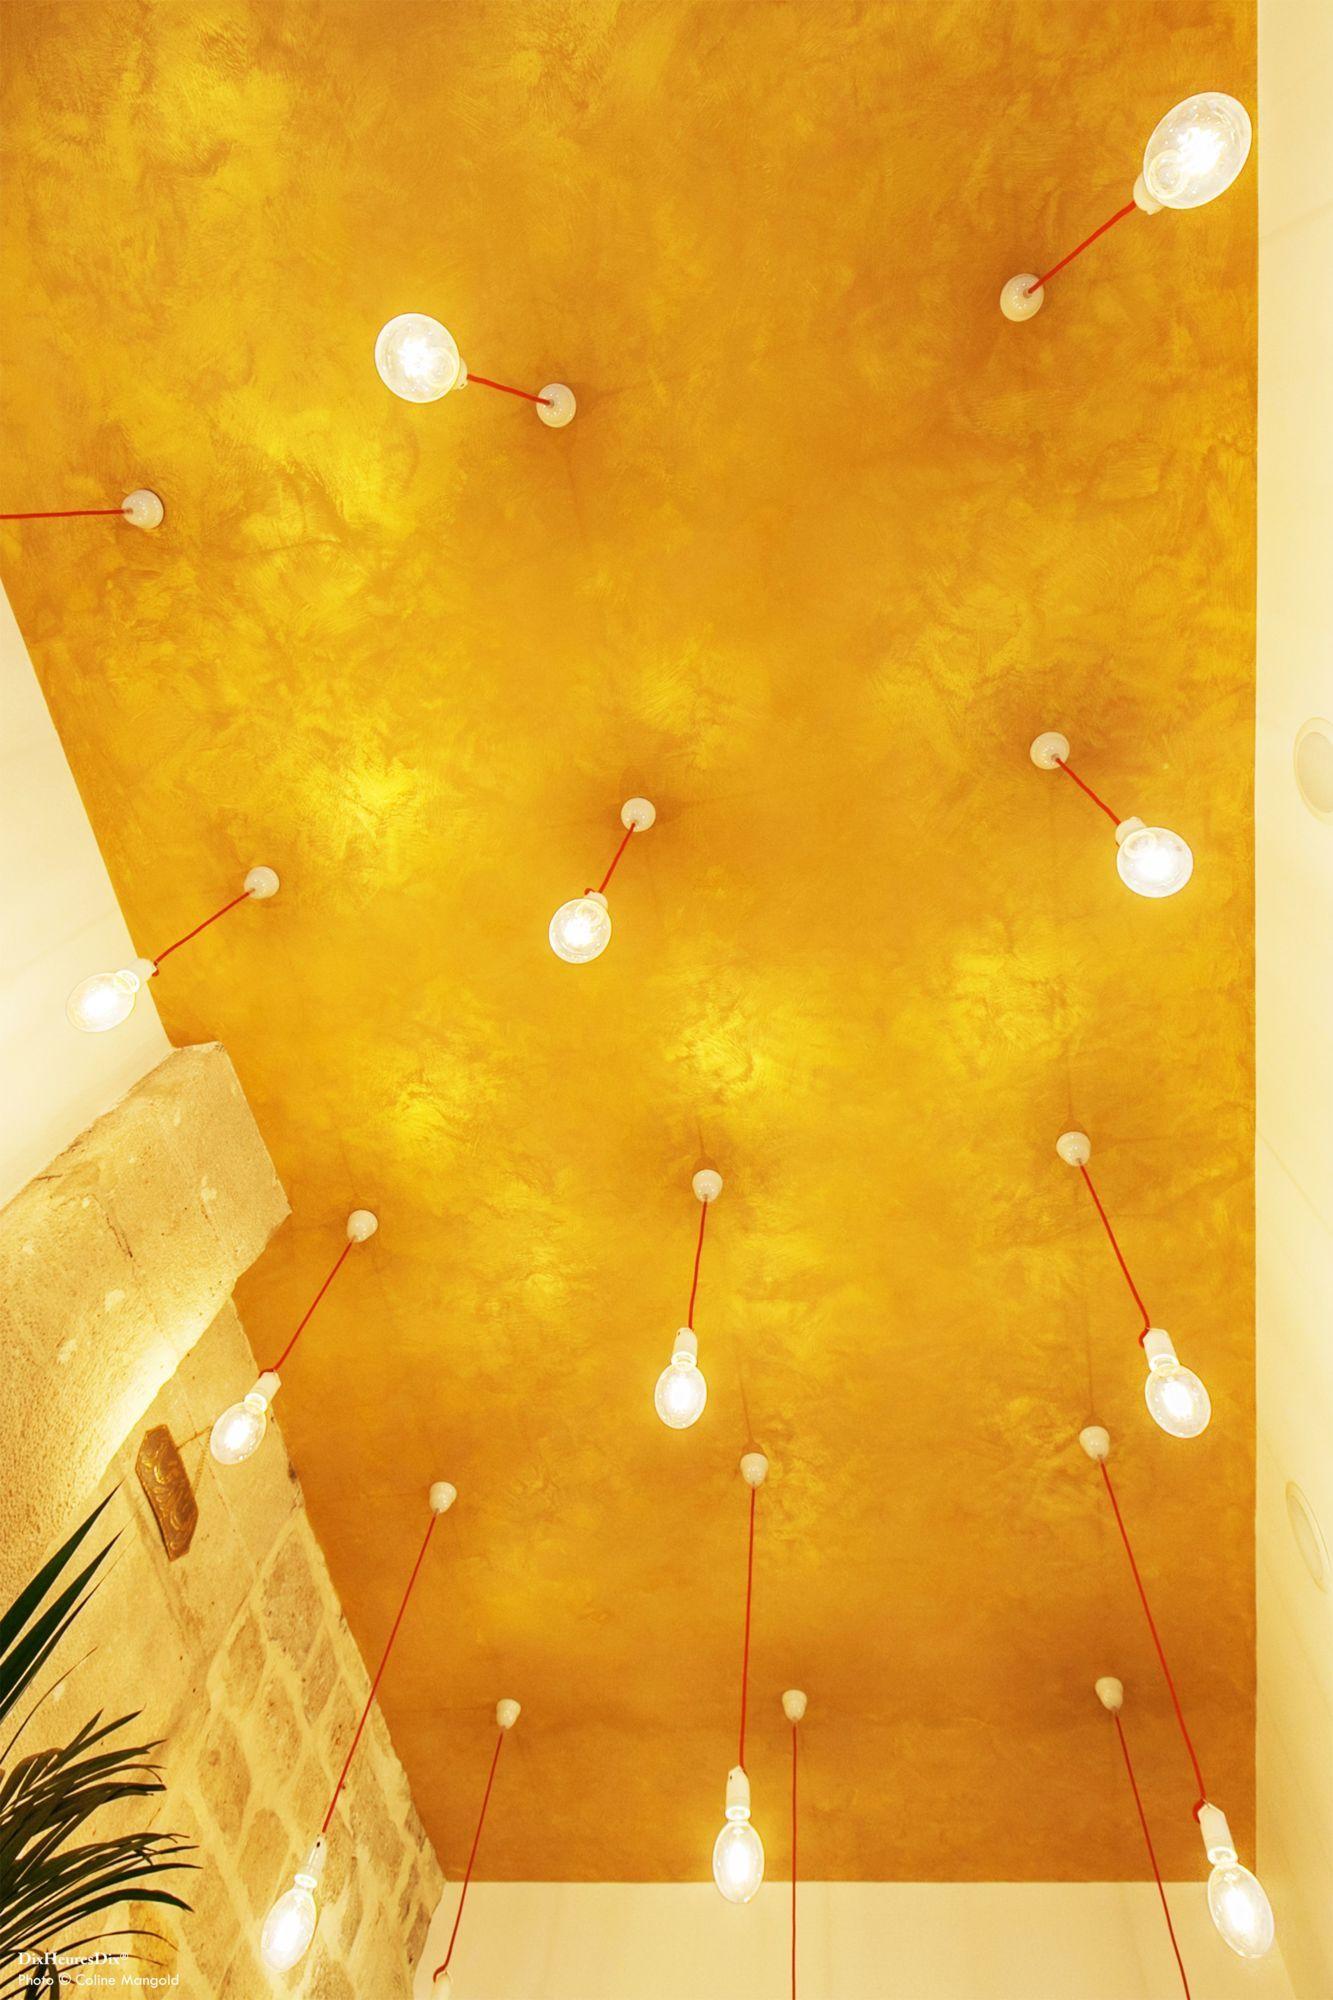 Plan du plafond doré avec des ampoules suspendues à des fils rouges dans l'esprit oriental